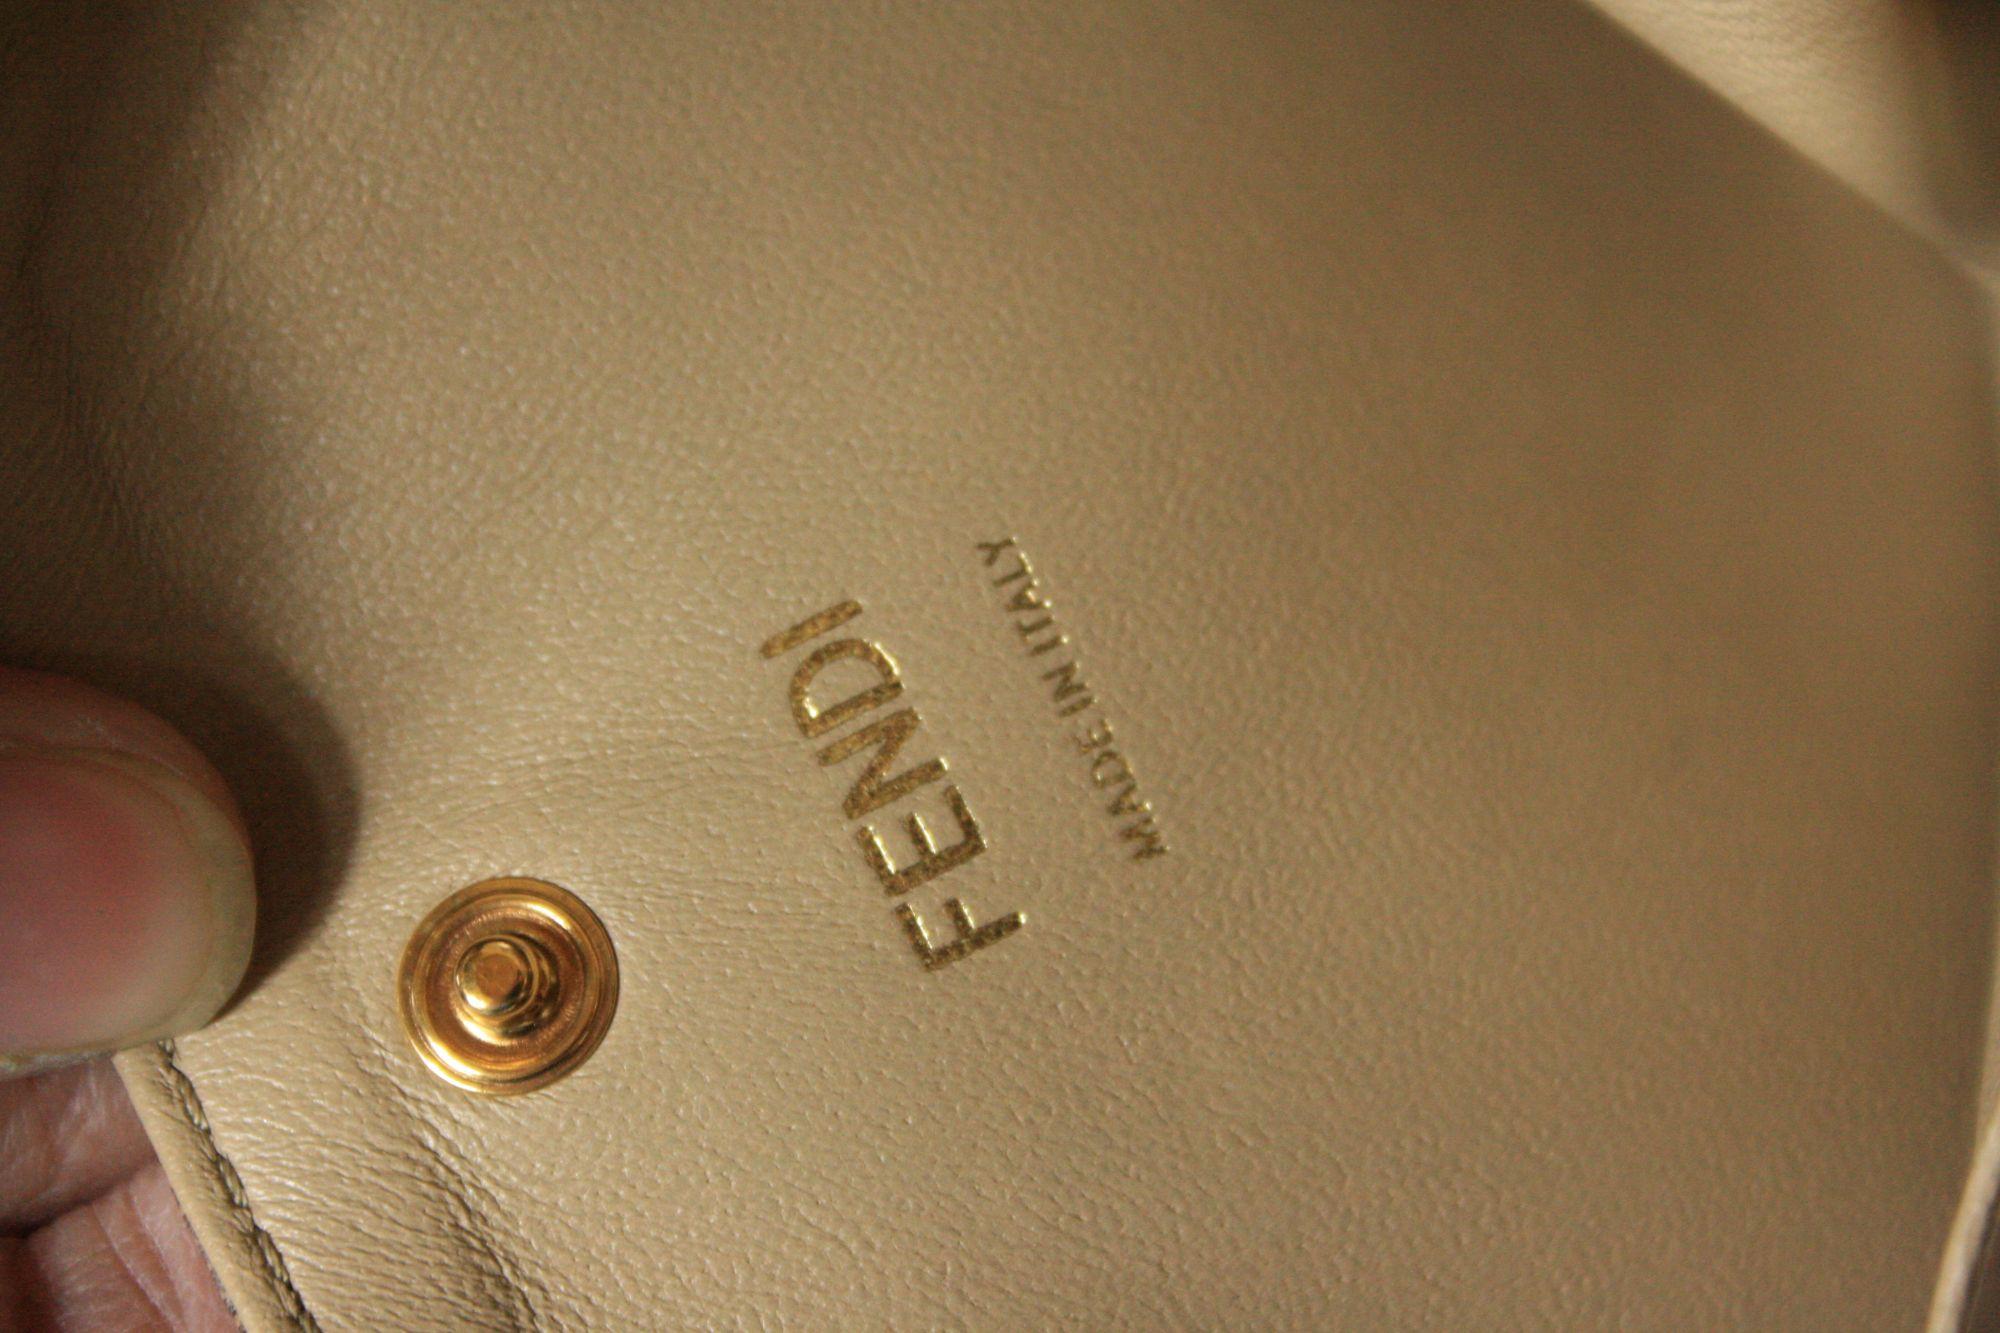 Peekabo Iconic Leather Handbag